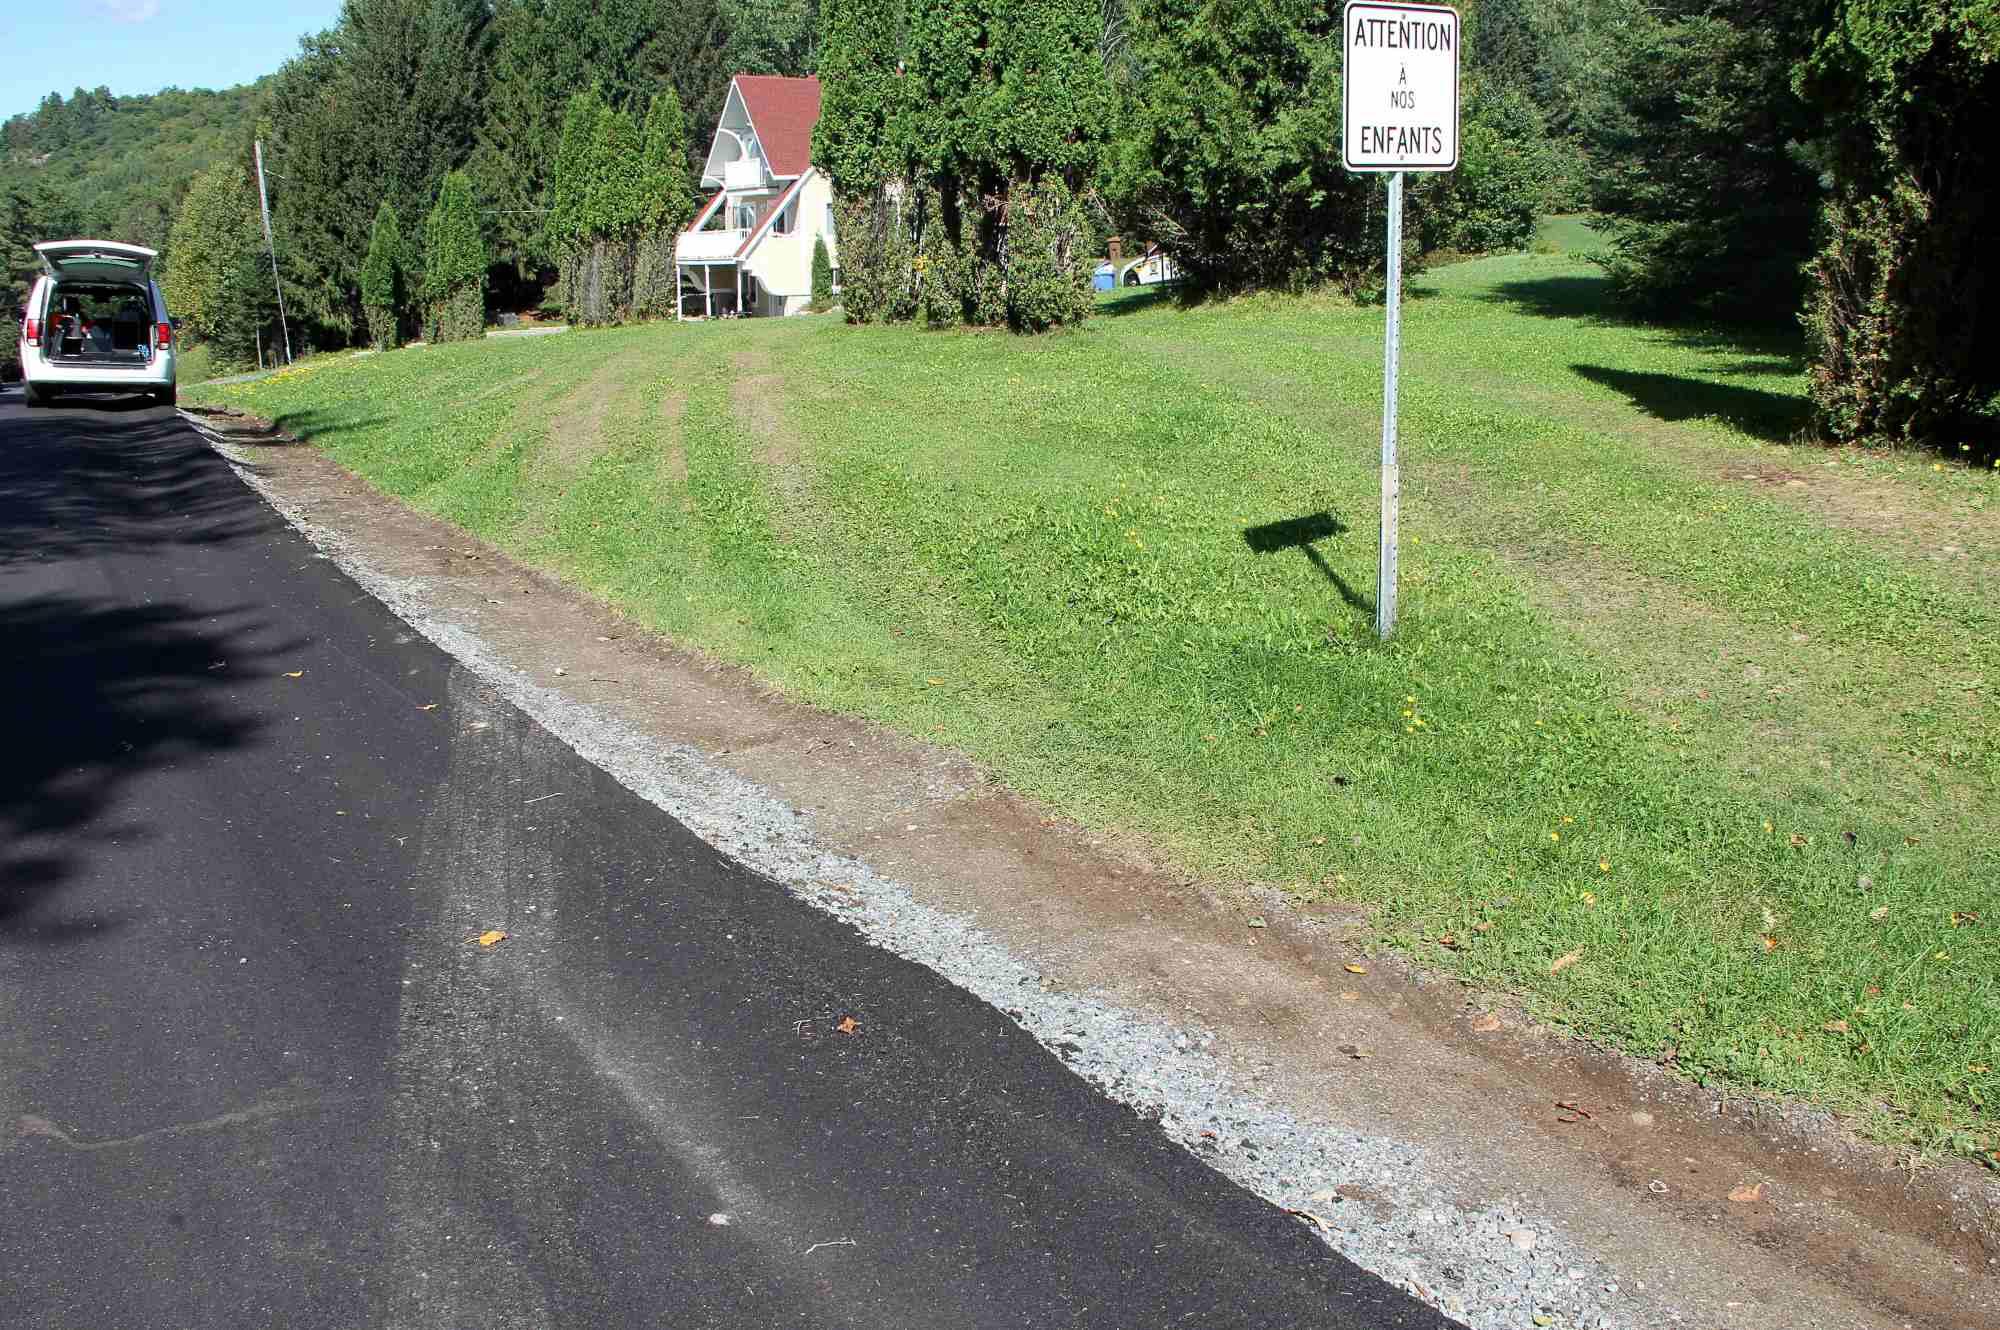 au-debut-les-policiers-ont-roule-sur-le-terrain-pour-aller-directement-a-la-maison-img_3326